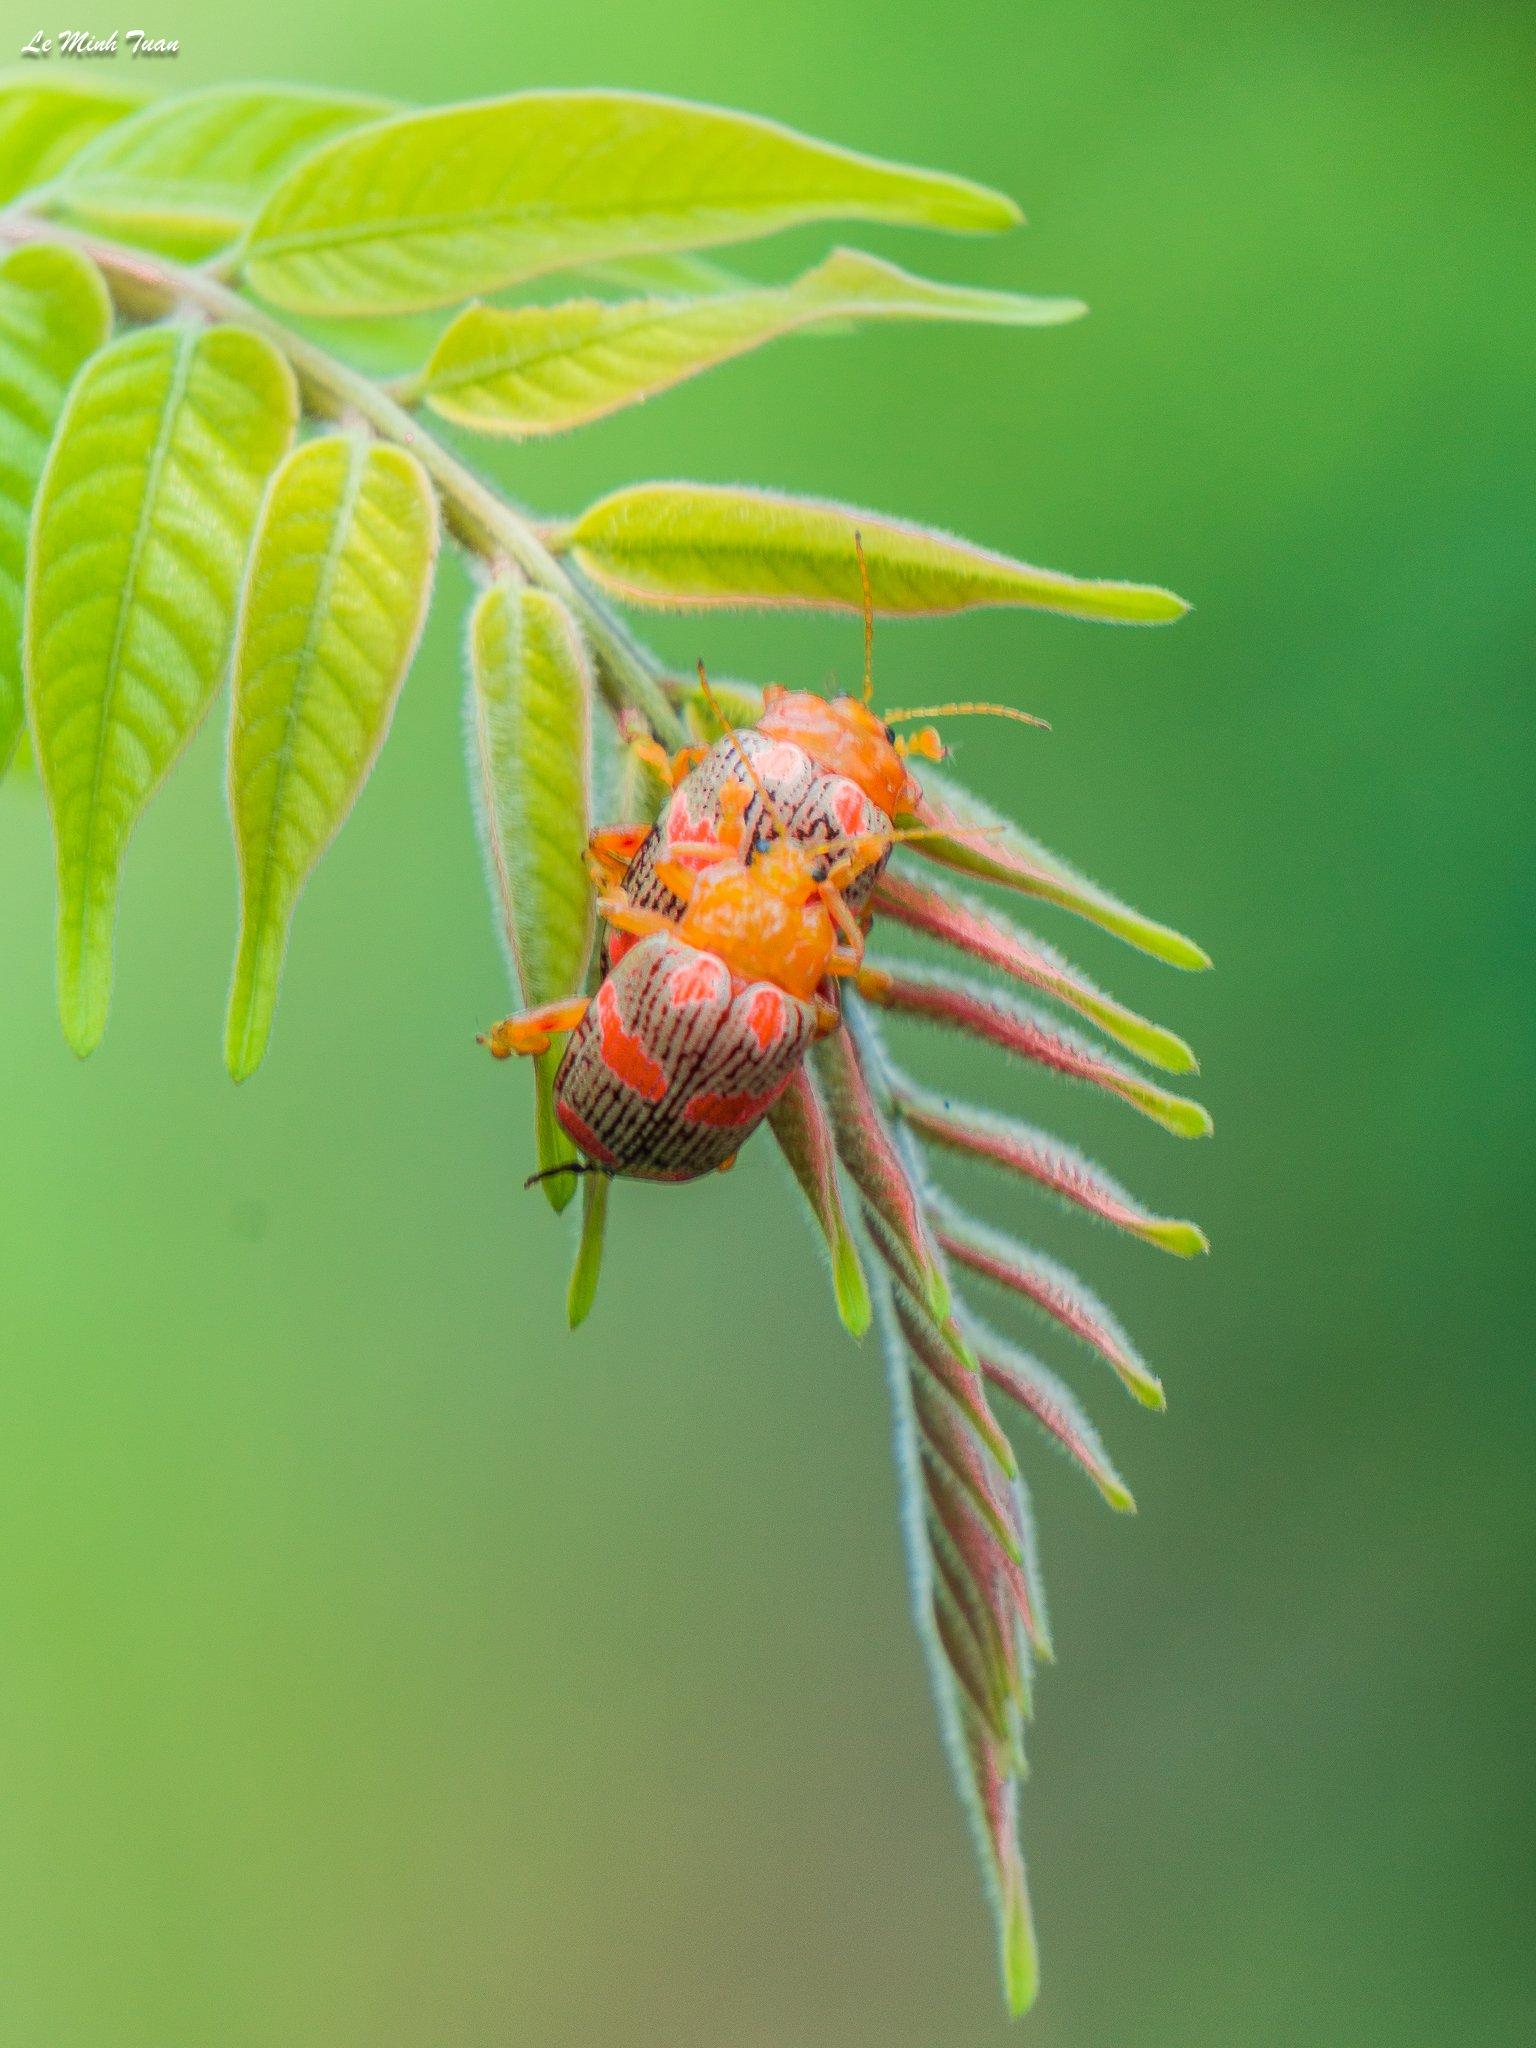 Insect, Lê Minh Tuấn